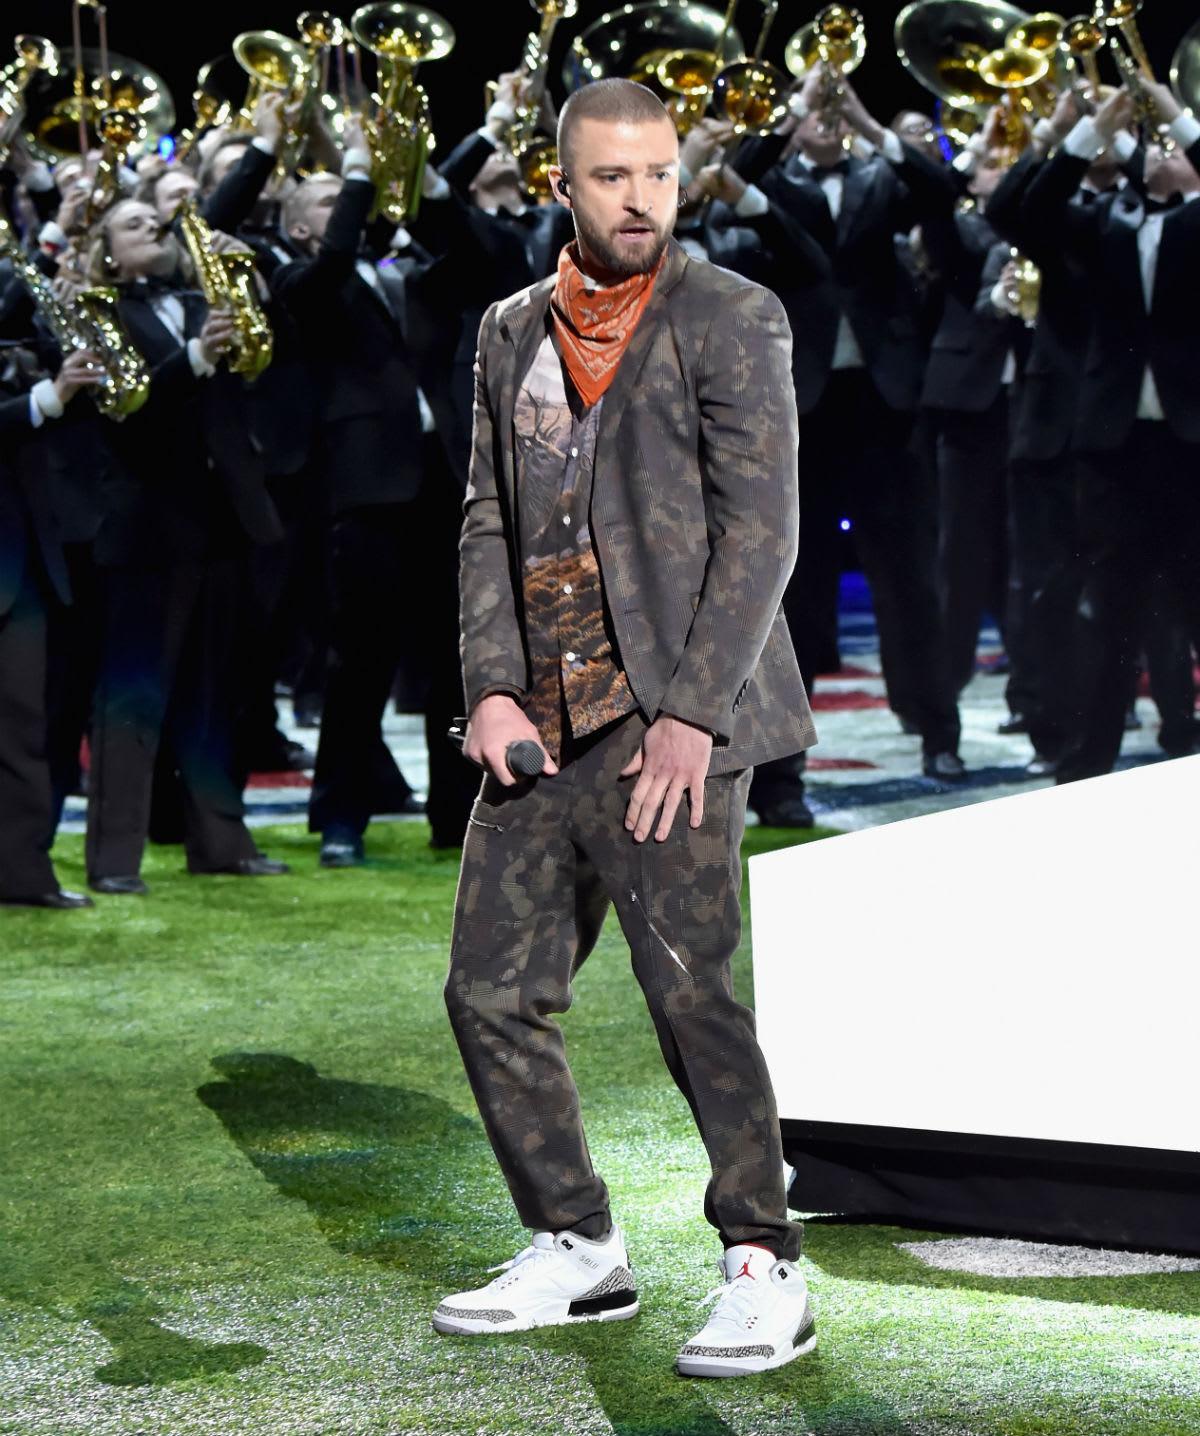 Justin Timberlake Air Jordan 3 III JTH Super Bowl LII